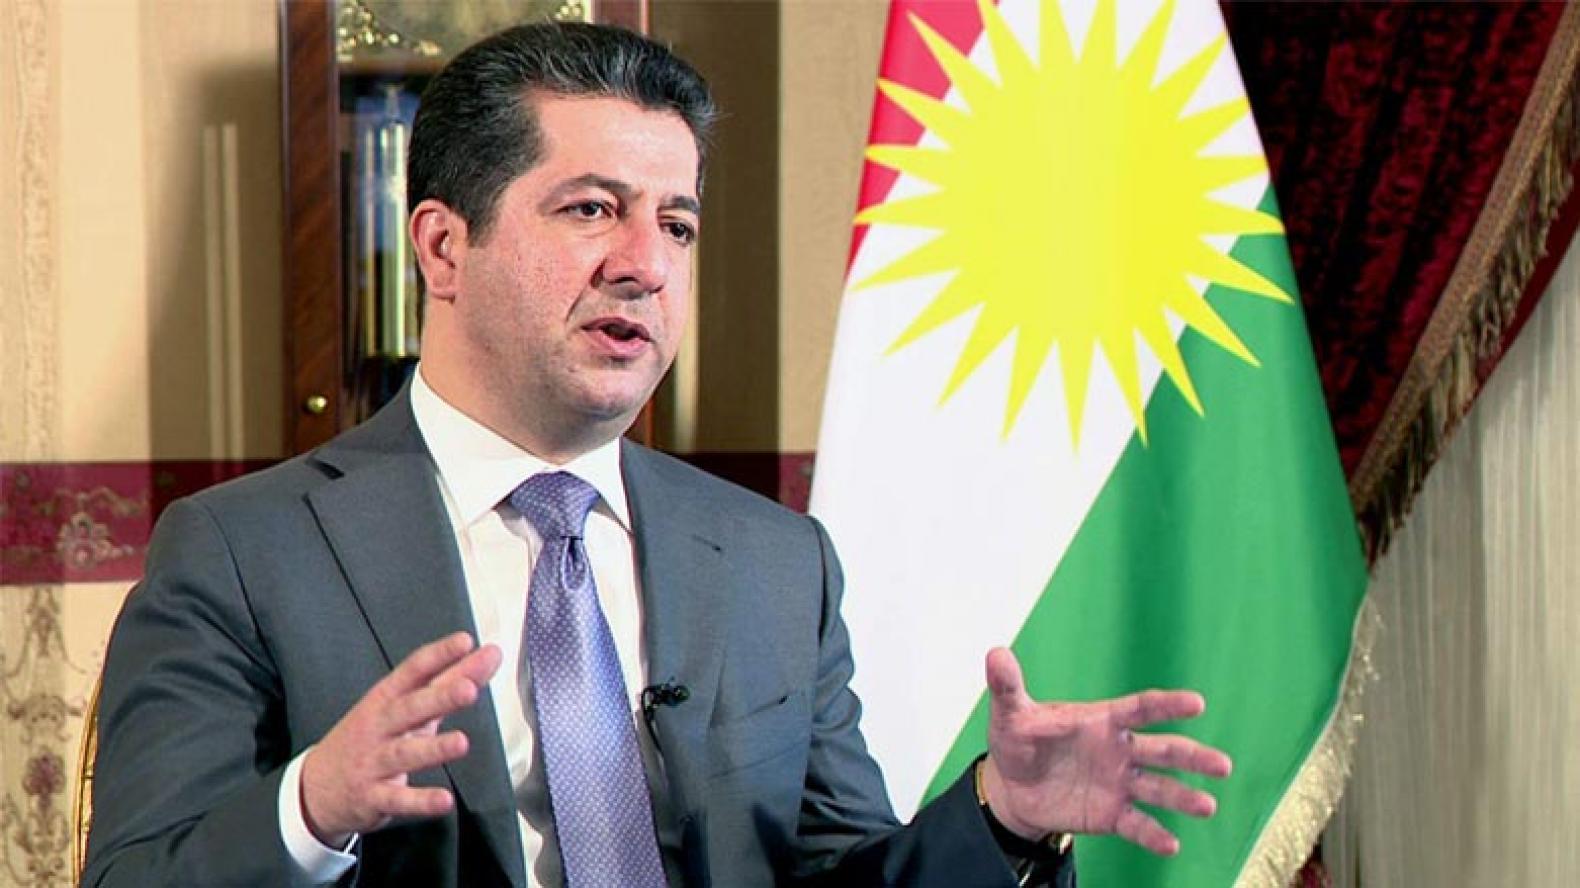 مسرور:الوضع المالي لكردستان صعب جداً